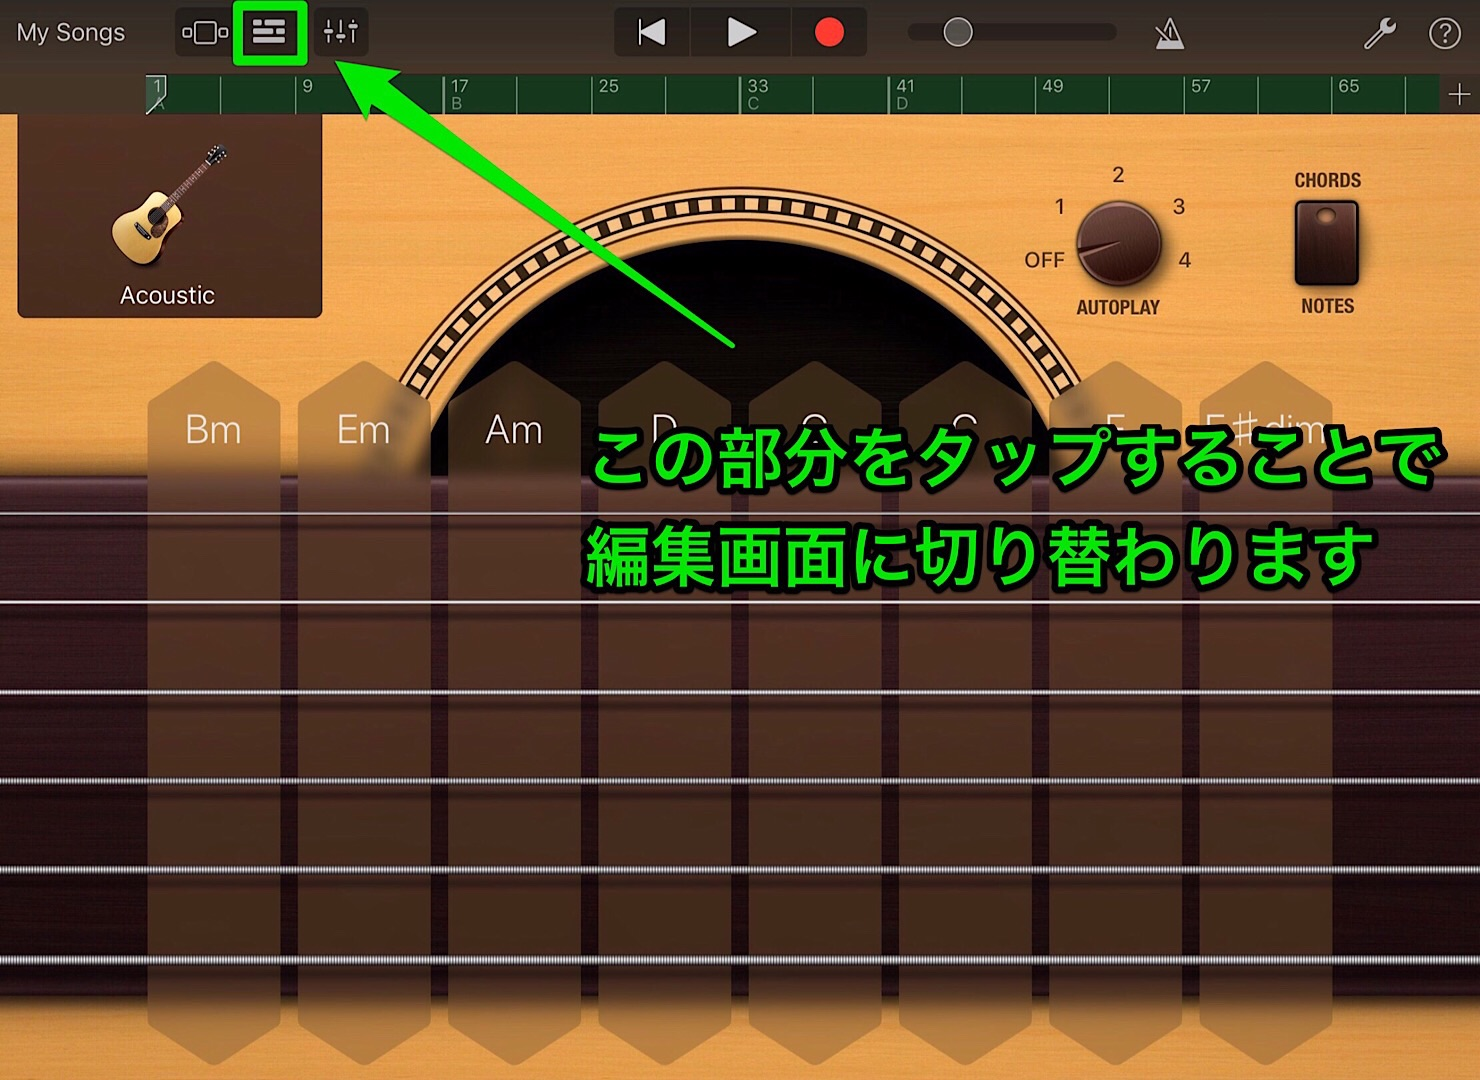 garageband-ios-ver2-edit-sound-3